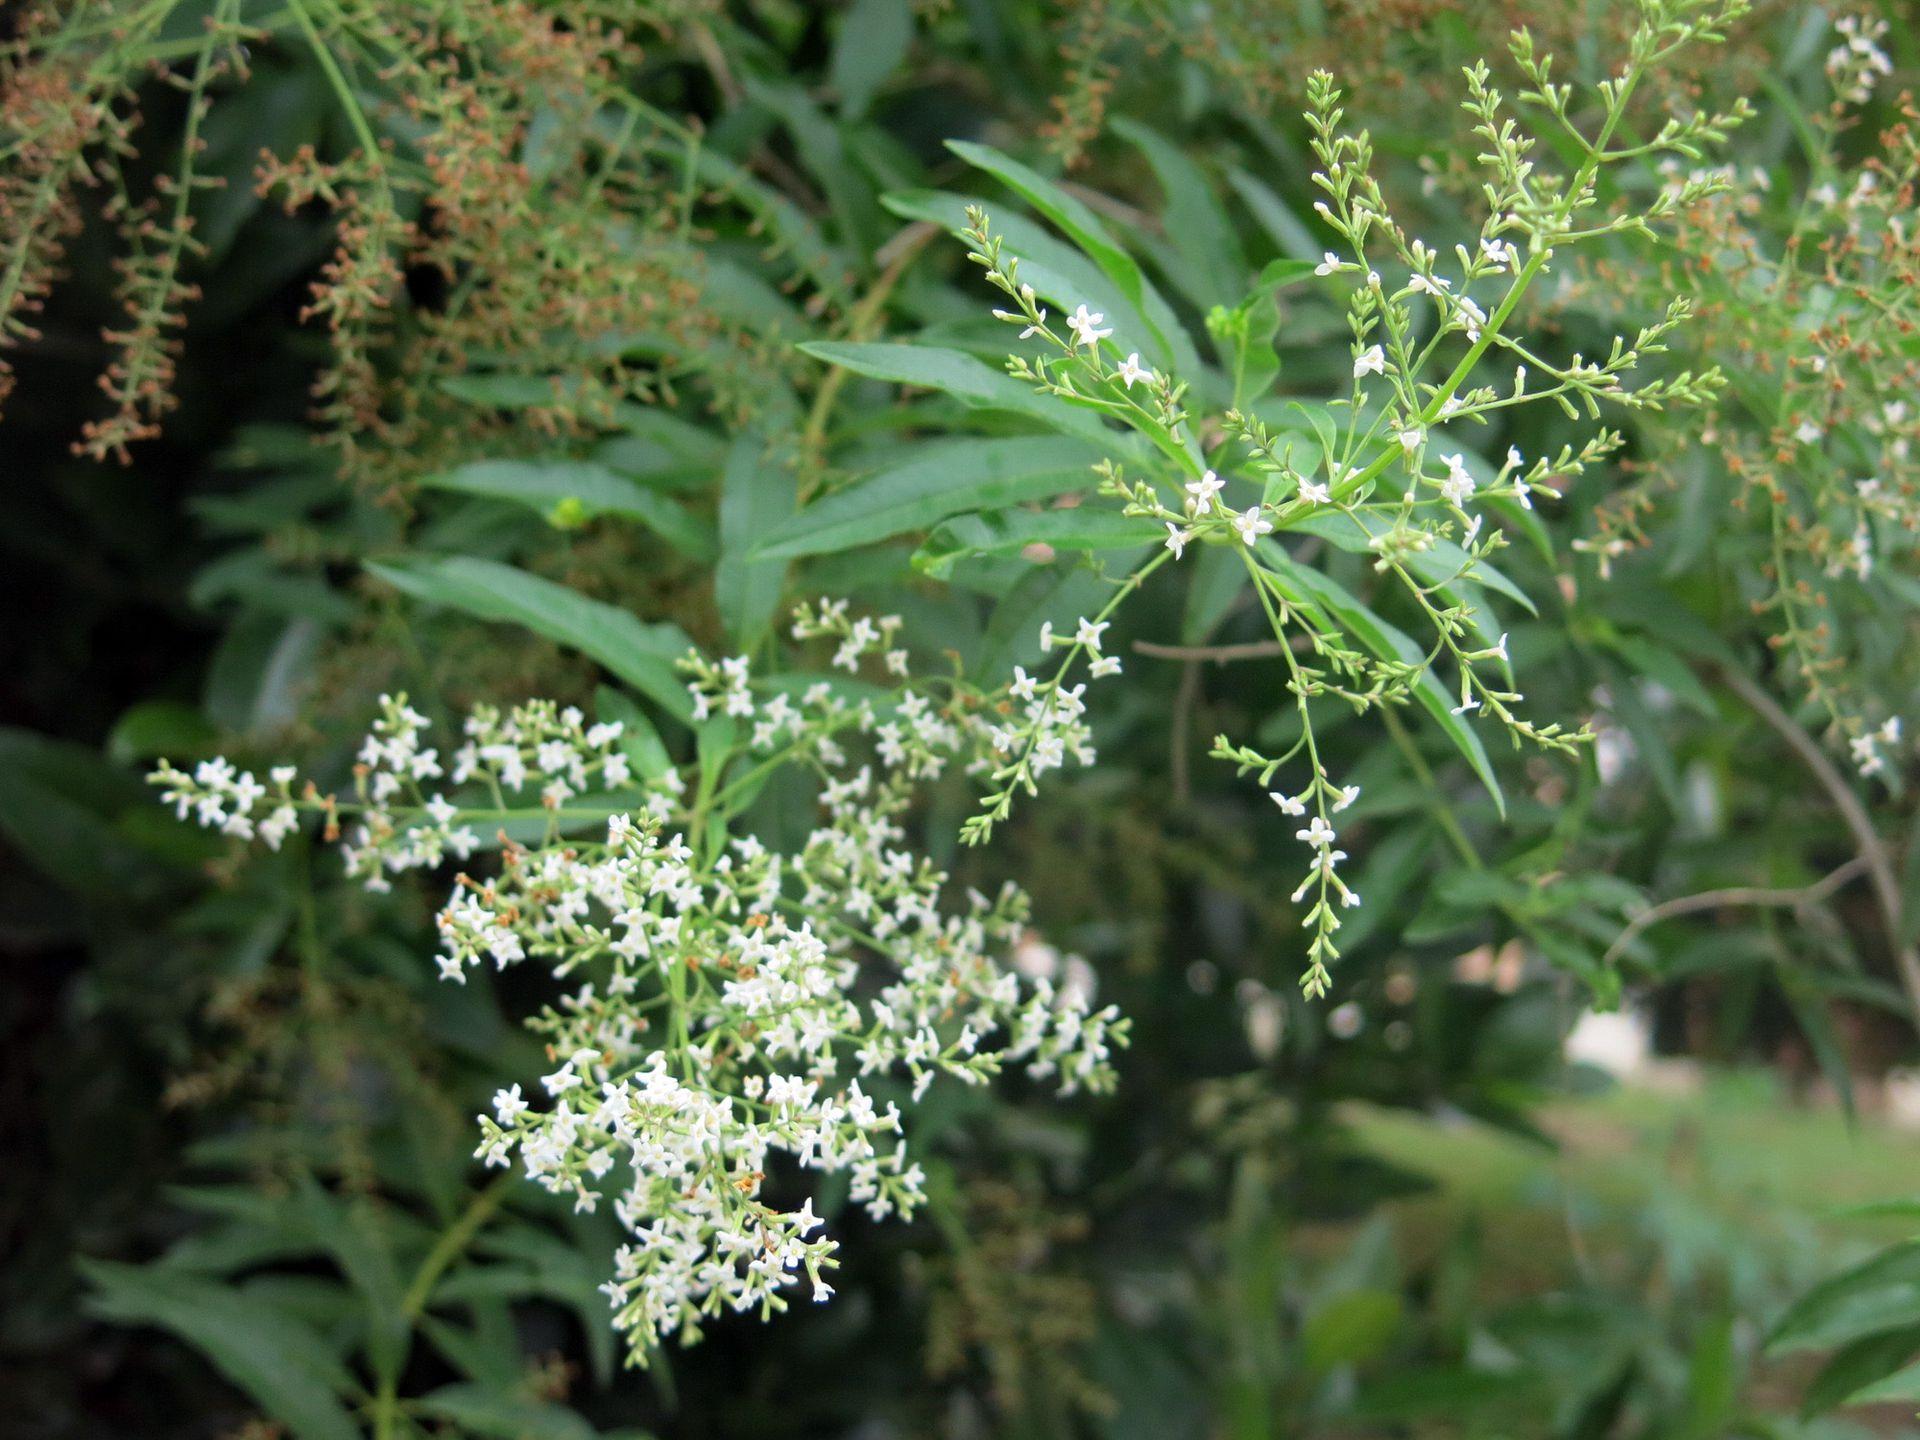 Cedrón, exquisita hierba para tragos e infusiones con muchas propiedades medicinales.